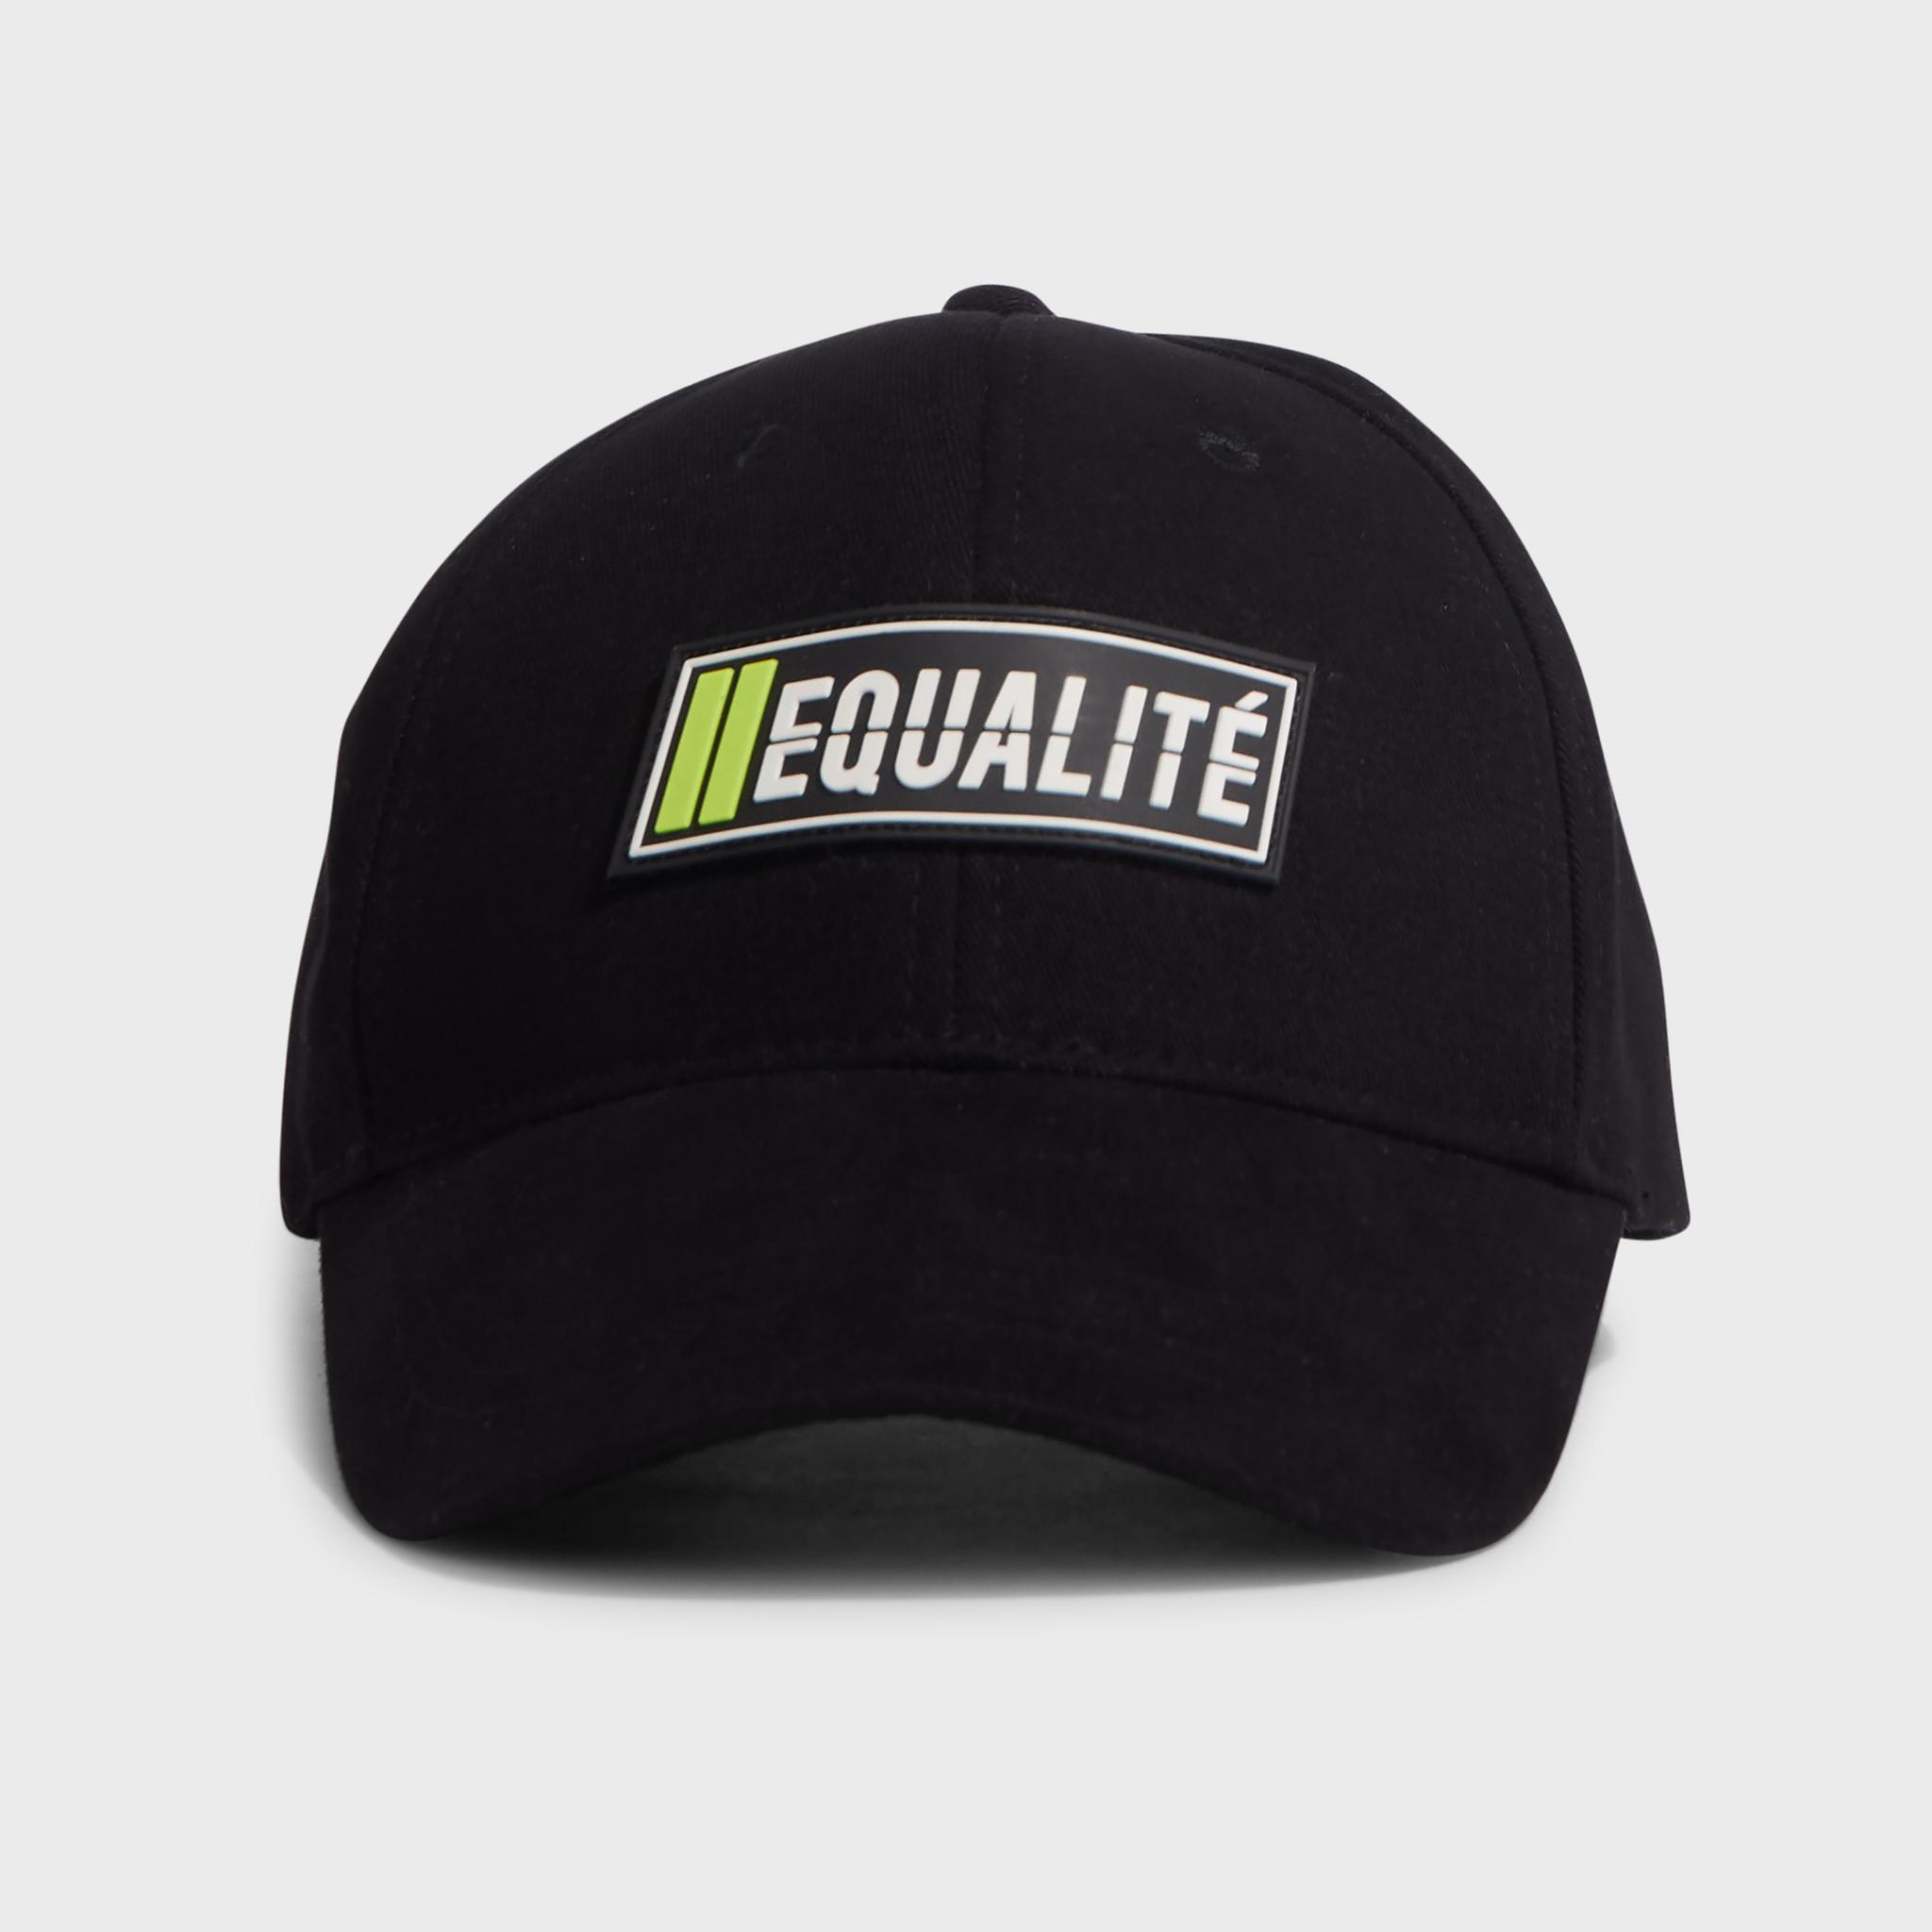 Future cap-1